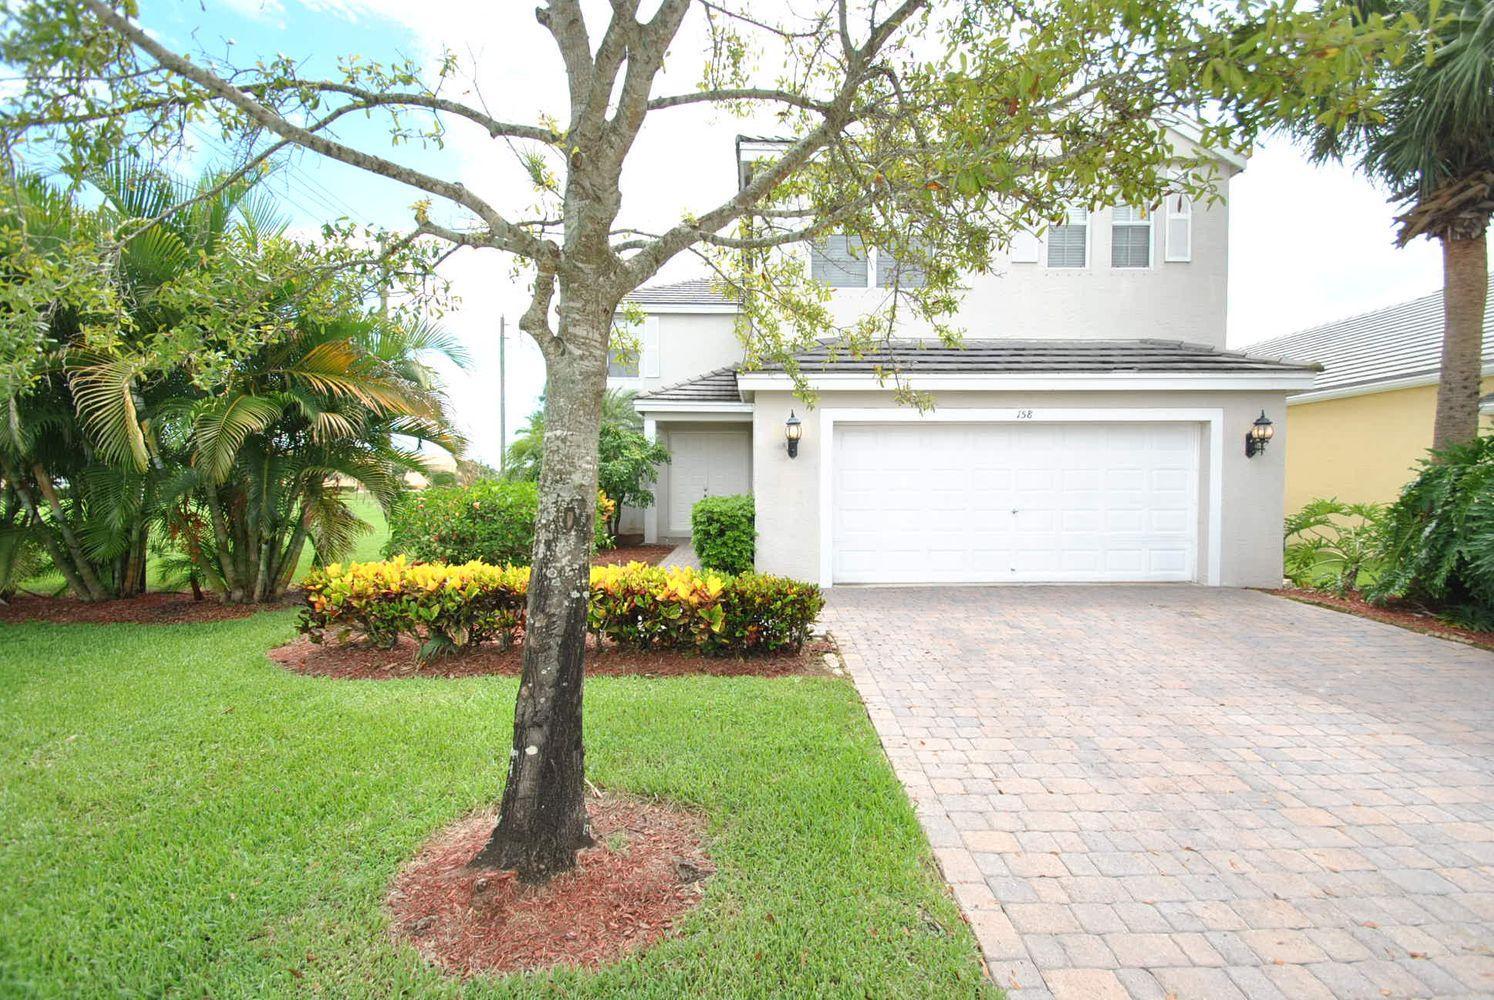 158 Kensington Way, Royal Palm Beach, FL 33414